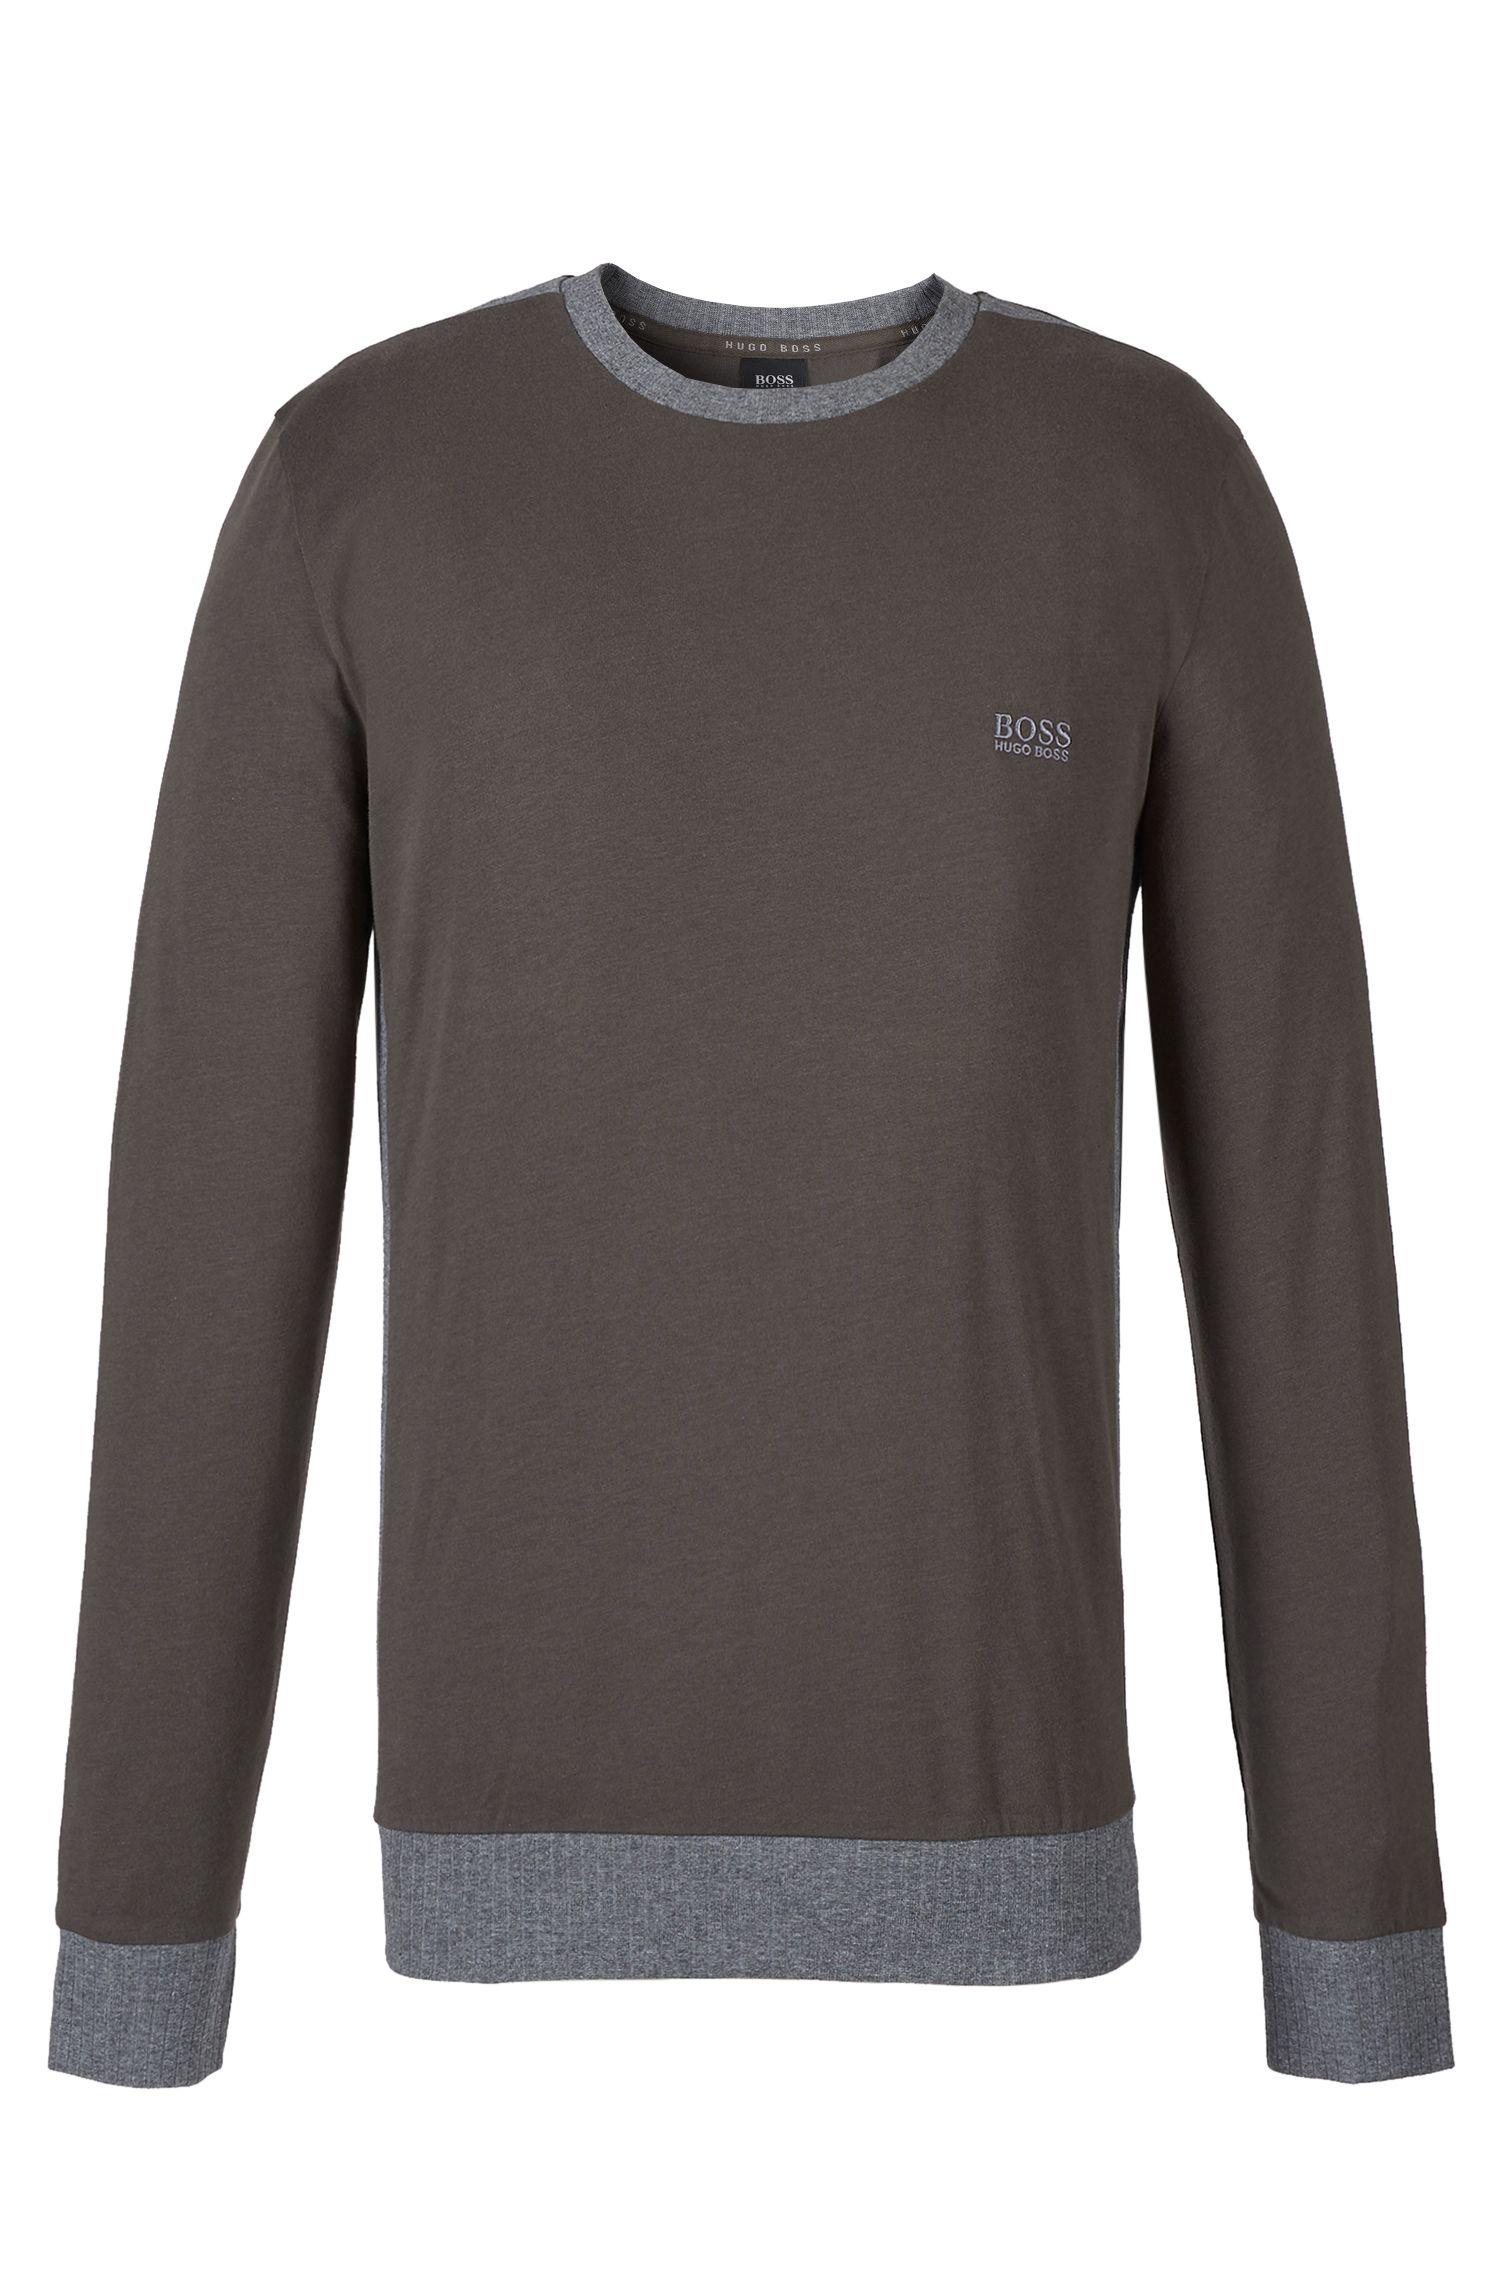 'Sweatshirt' | Cotton Sweatshirt